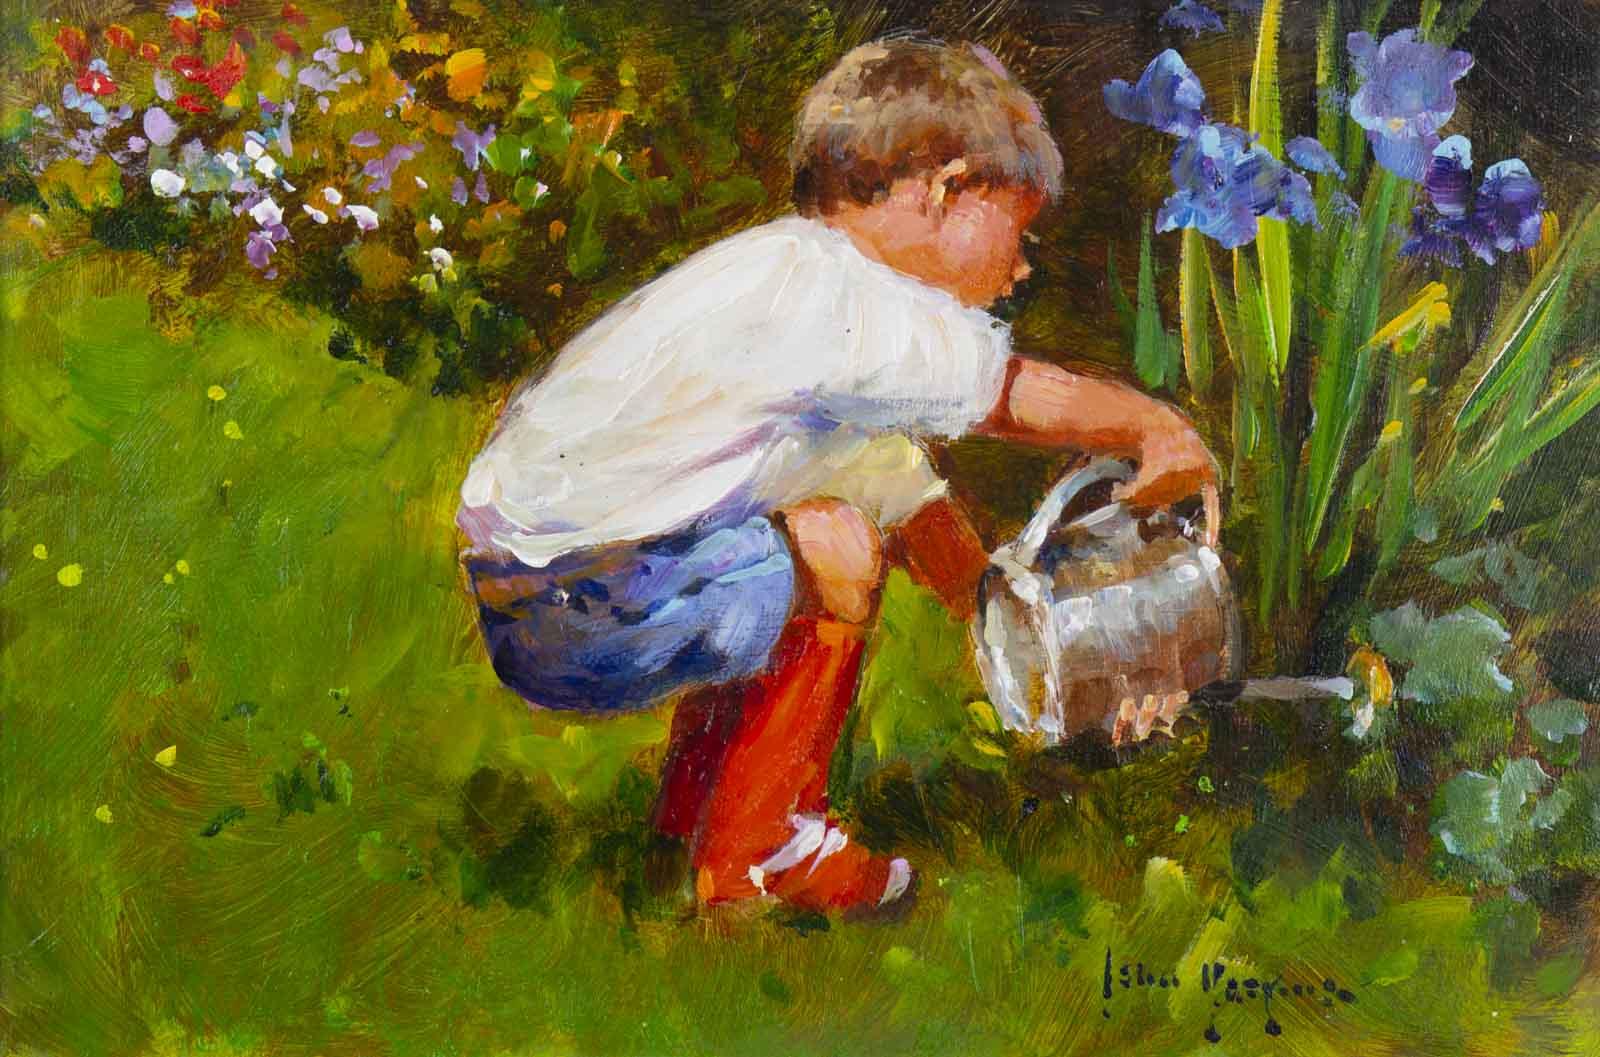 The Gardener's Assistant